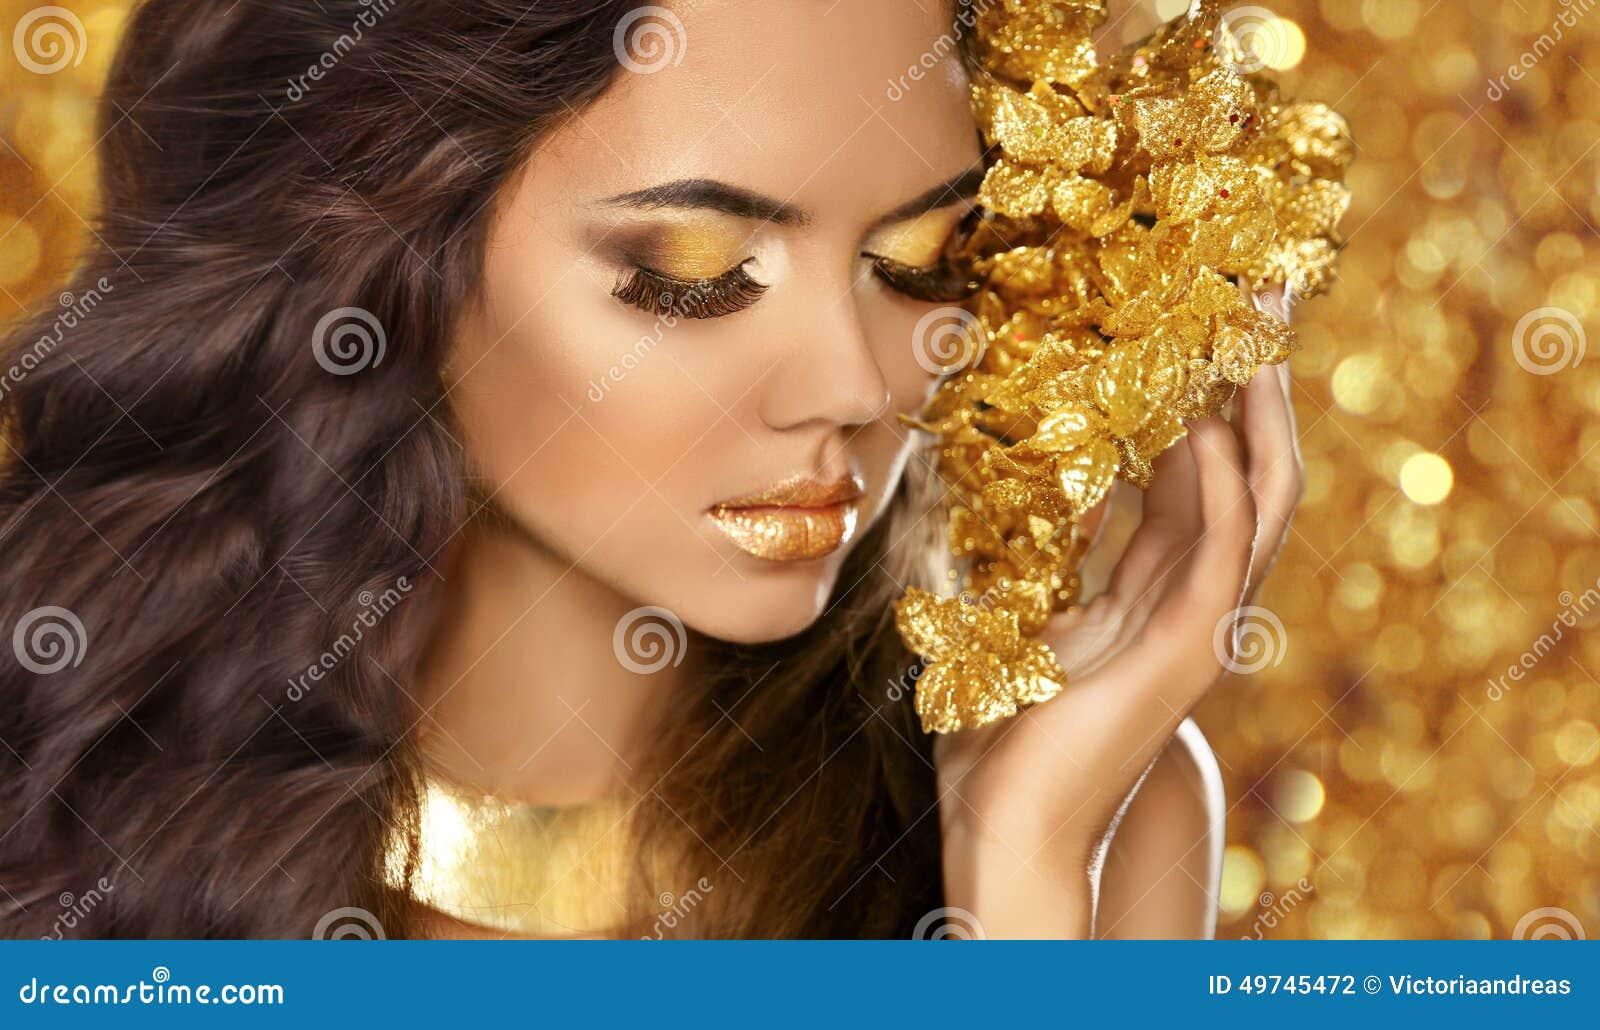 Fashion Beauty Girl Po... Tan Skin Eye Makeup